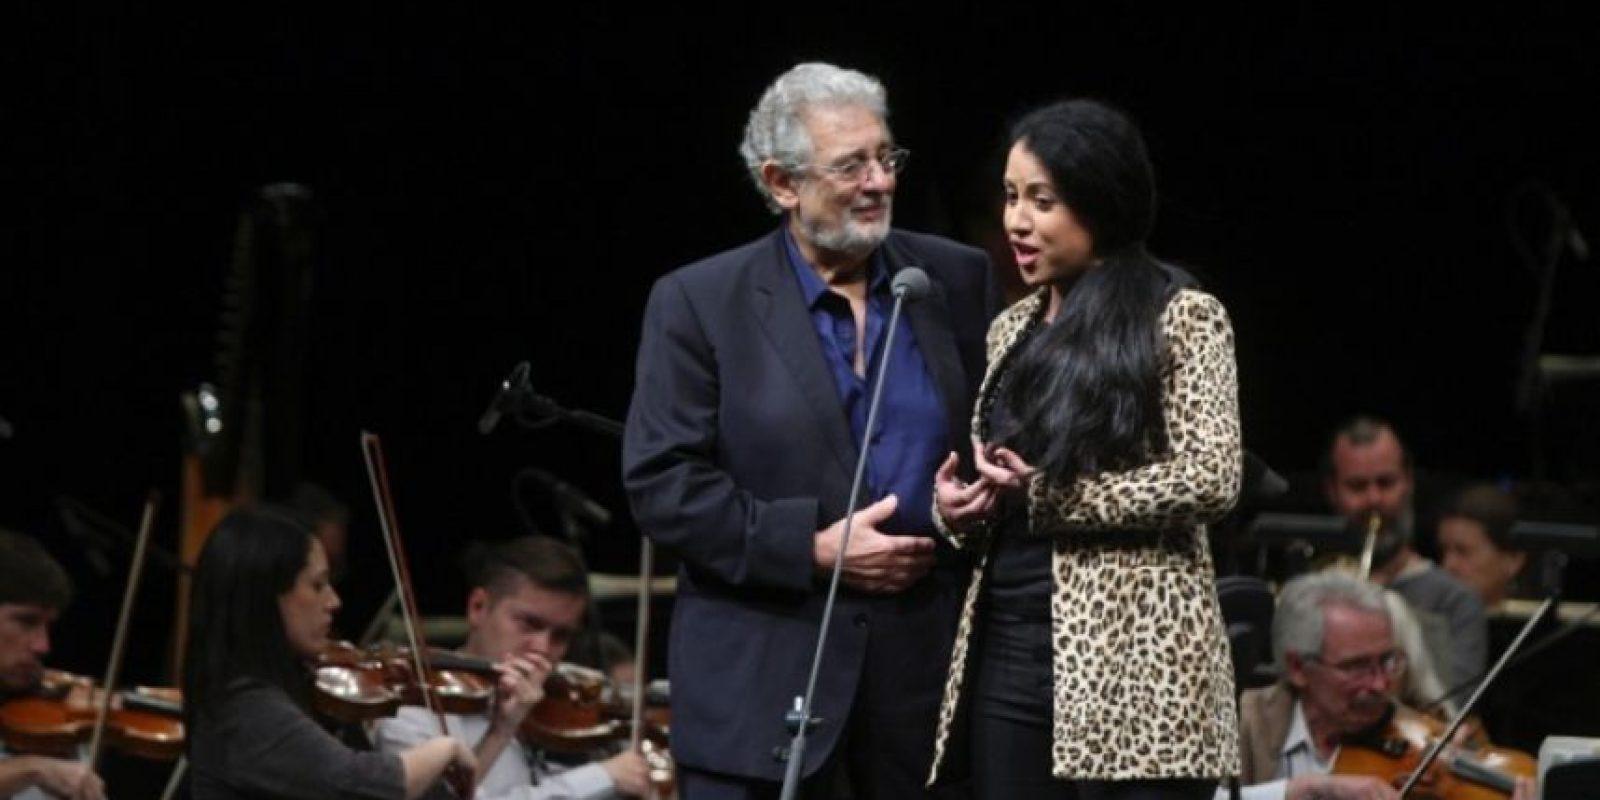 La soprano ha compartido escenario con Plácido Domingo Foto:Cuartoscuro